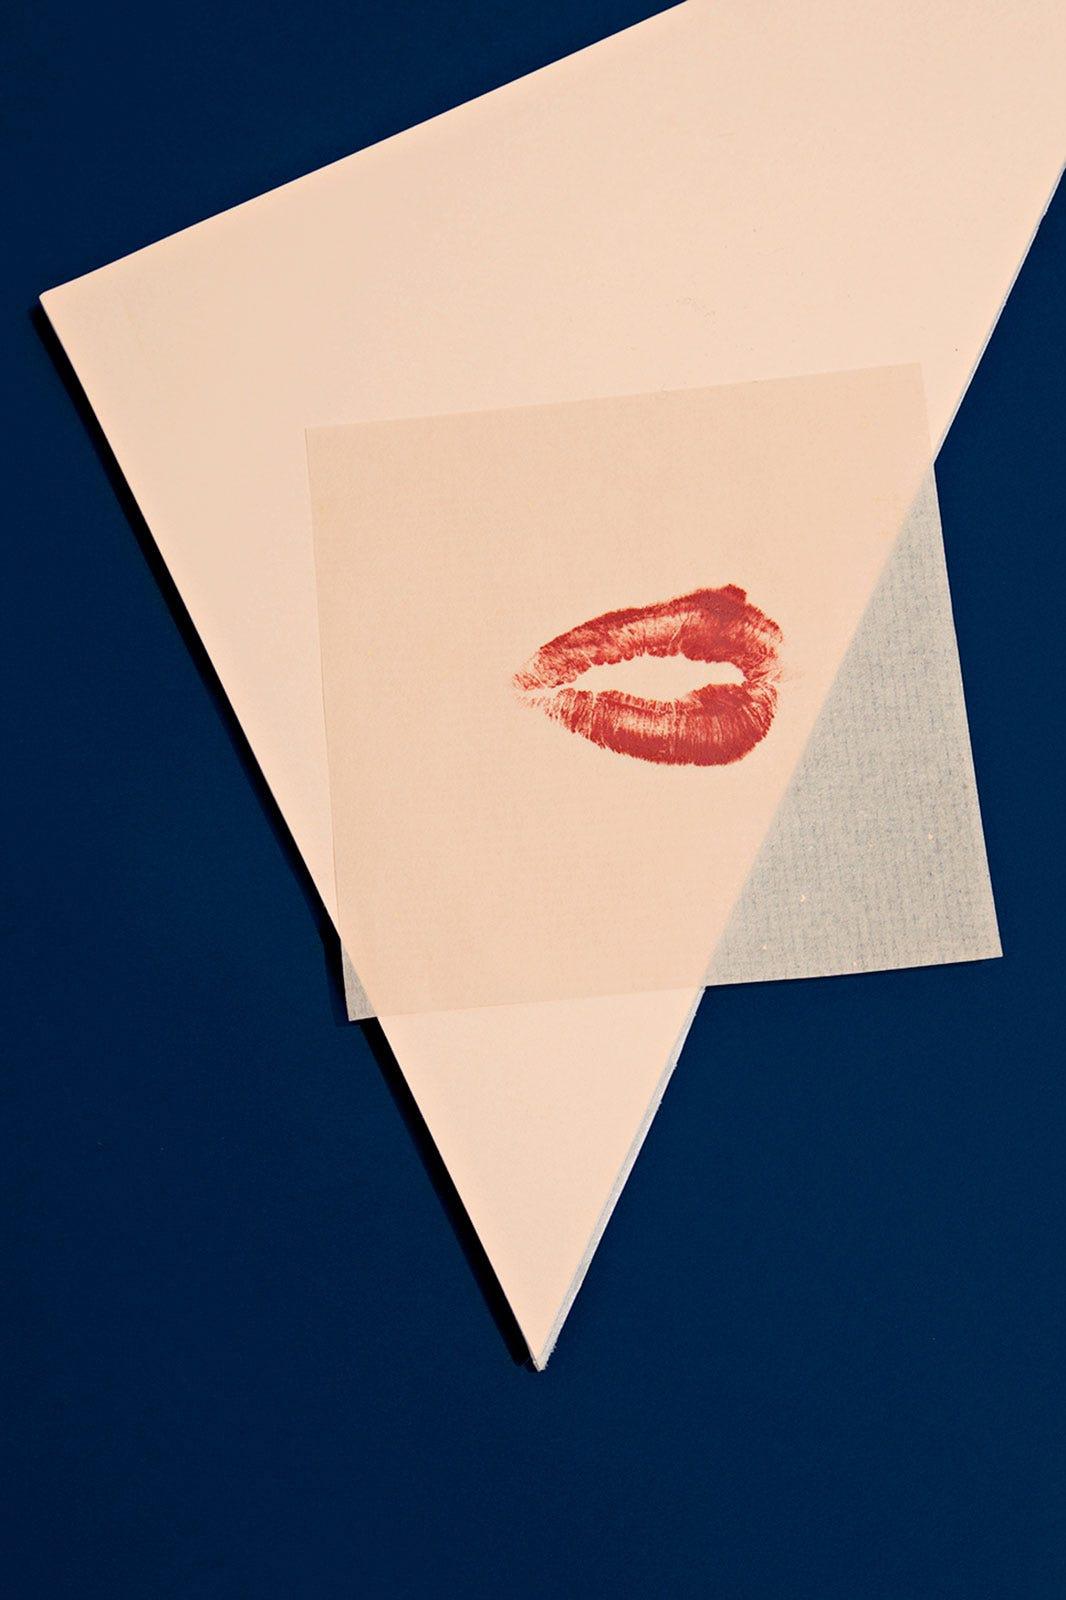 Glückwünsche zur Hochzeit » 30 Sprüche zum Downloaden MannWahres Leben30 Tage HerausforderungEhe Herausforderung The Dating Divas--Strengthening Marriages, One Date at a Time LOTS of ideas for dates, cute little gifts.